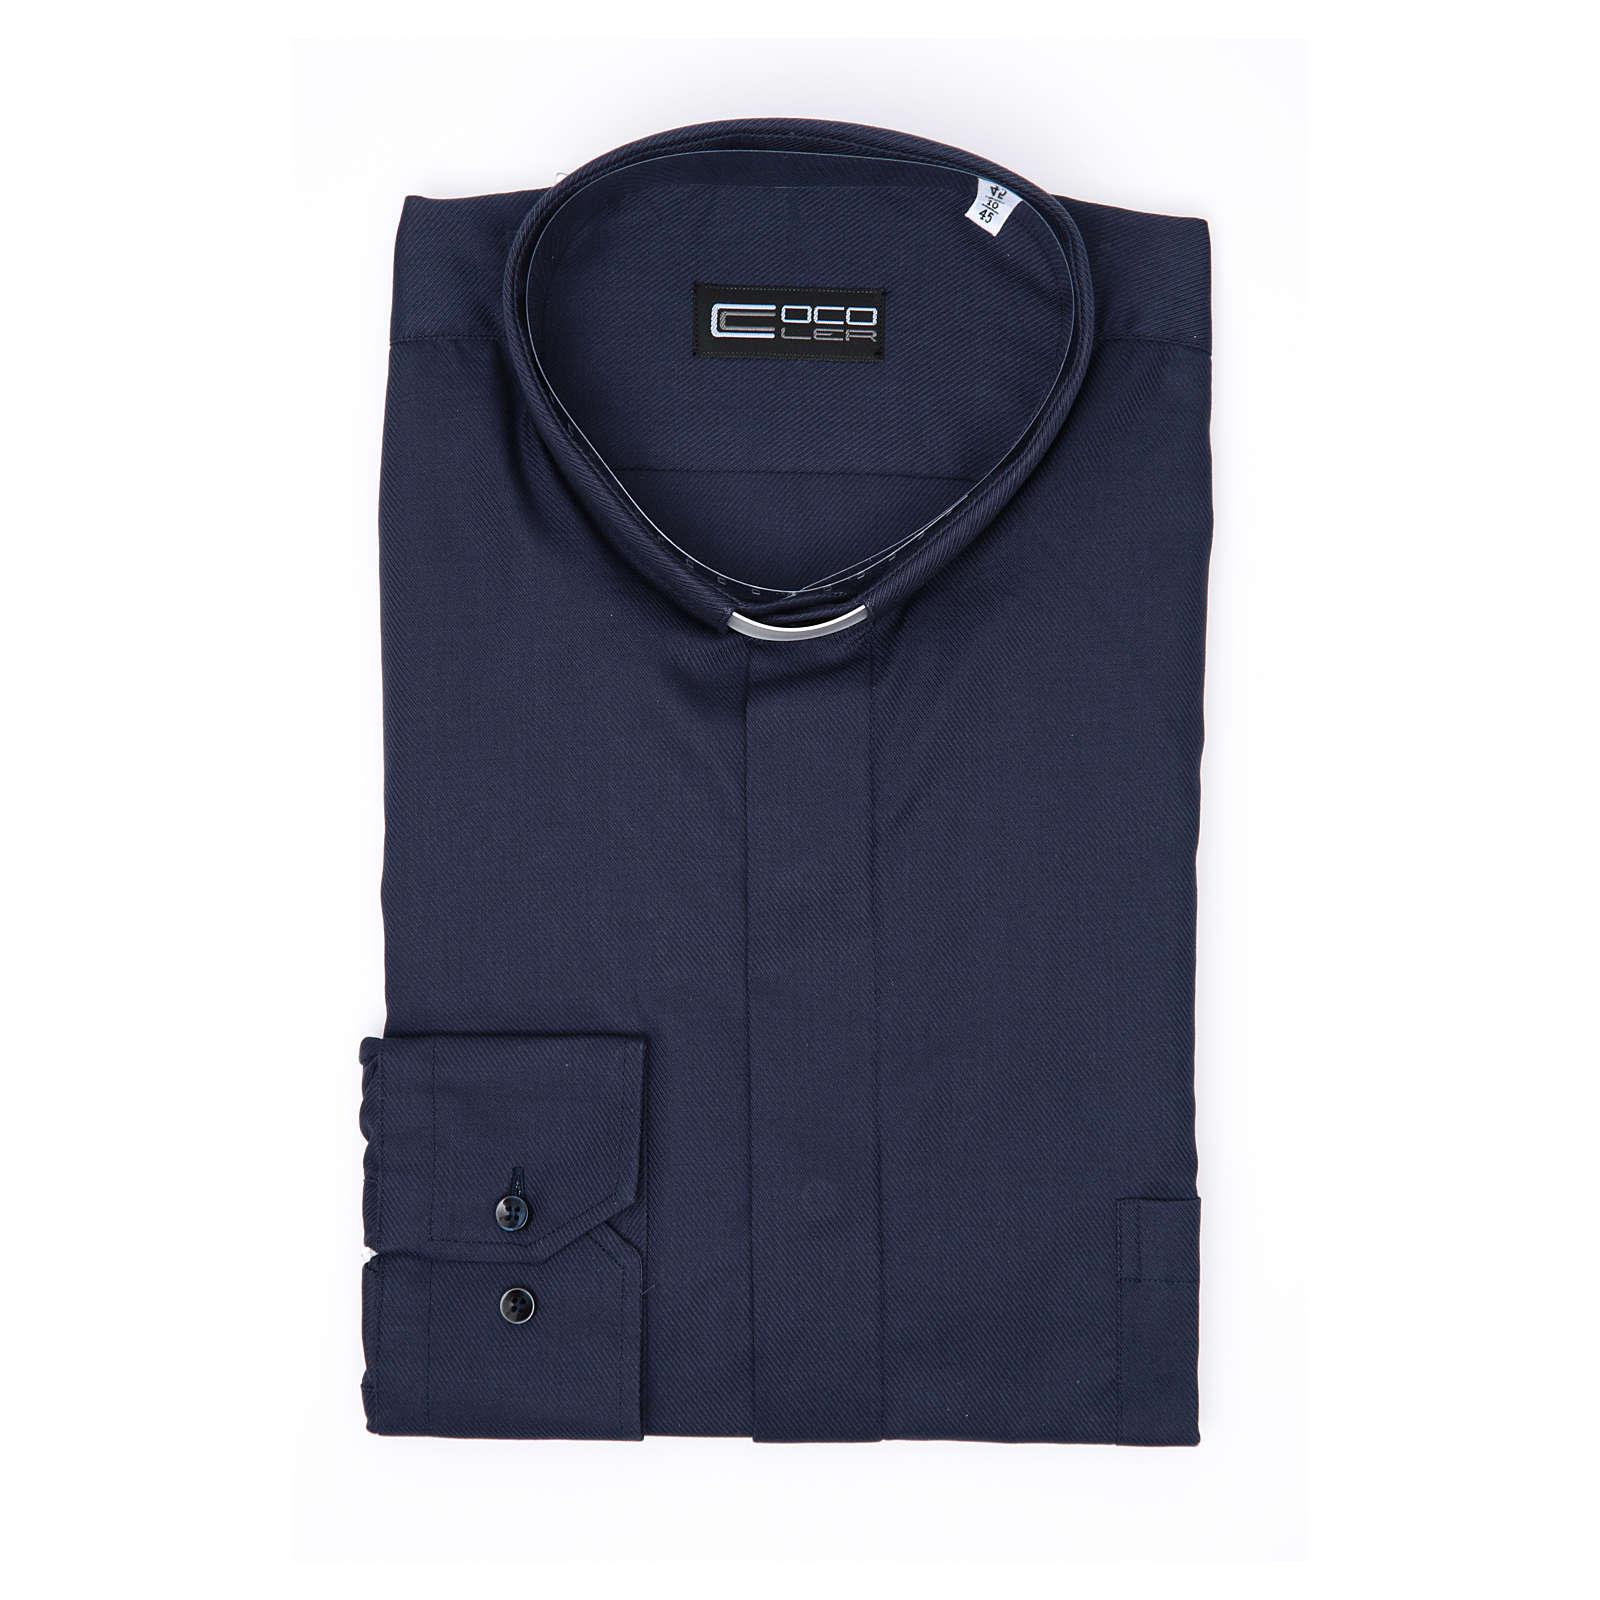 Collarhemd mit Langarm aus leicht zu bügelnden Baumwoll-Polyester-Mischgewebe mit Diagonalmuster in der Farbe Blau 4